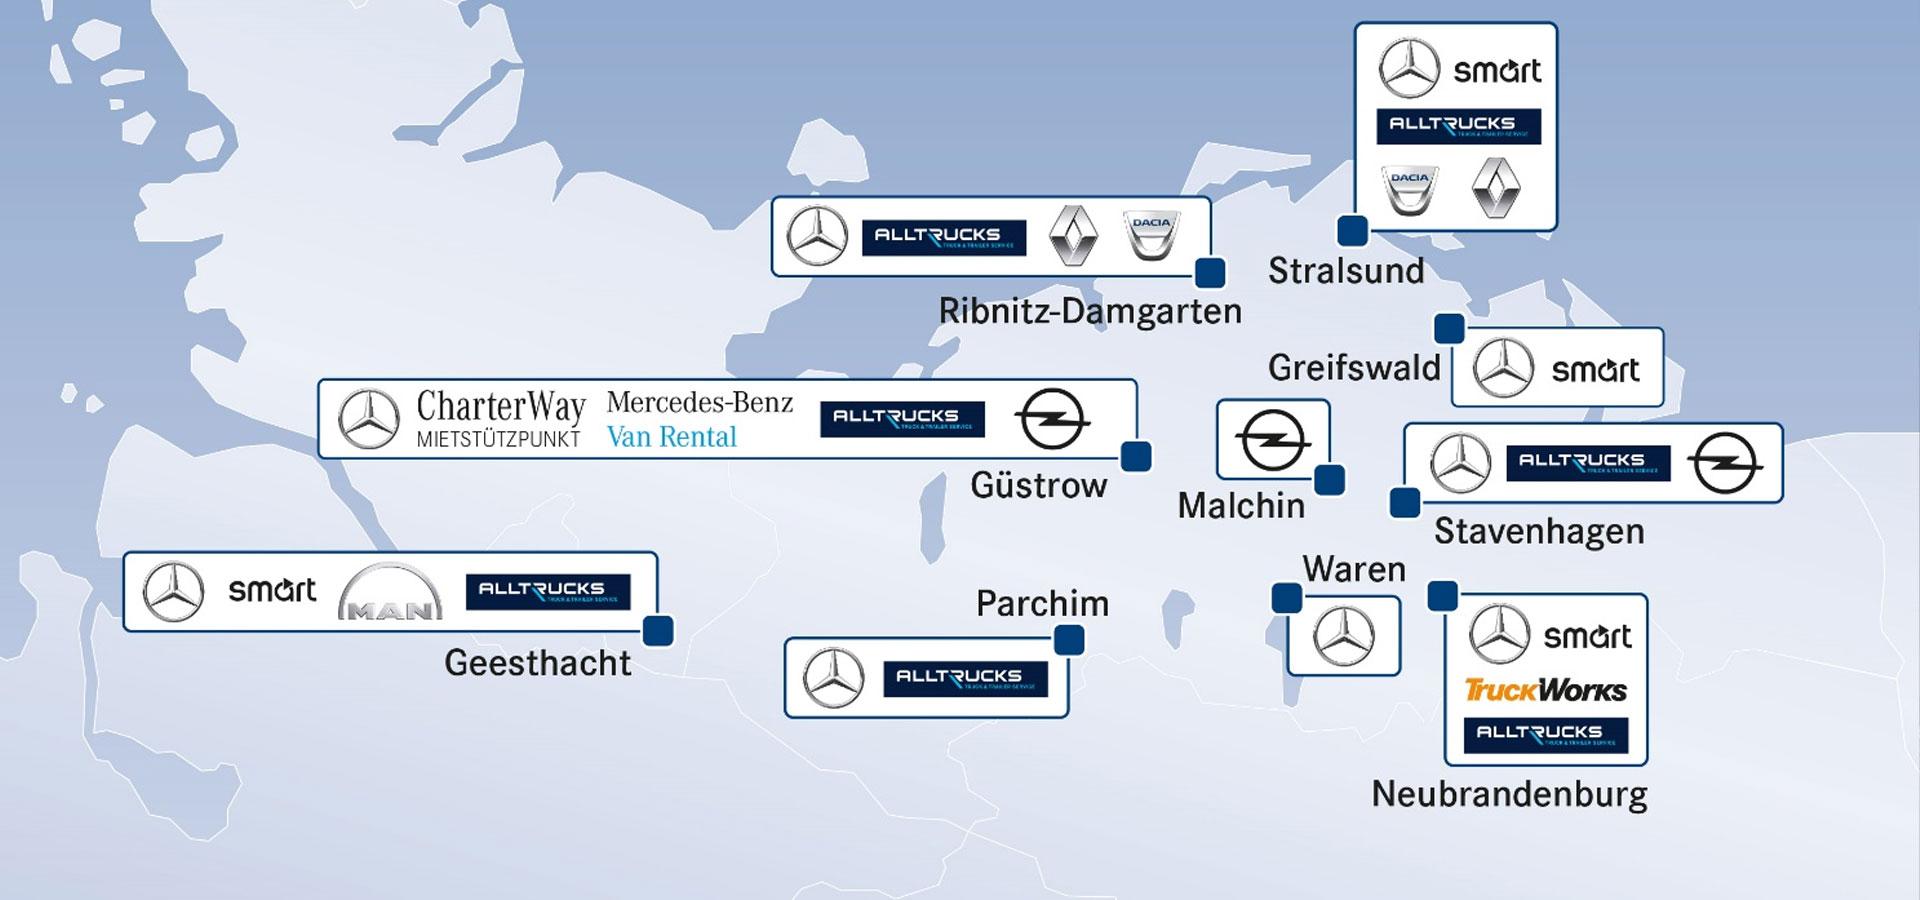 Mercedes-Benz-Brinkmann-Unfallinstandsetzung-Lkw-Bild-Karte